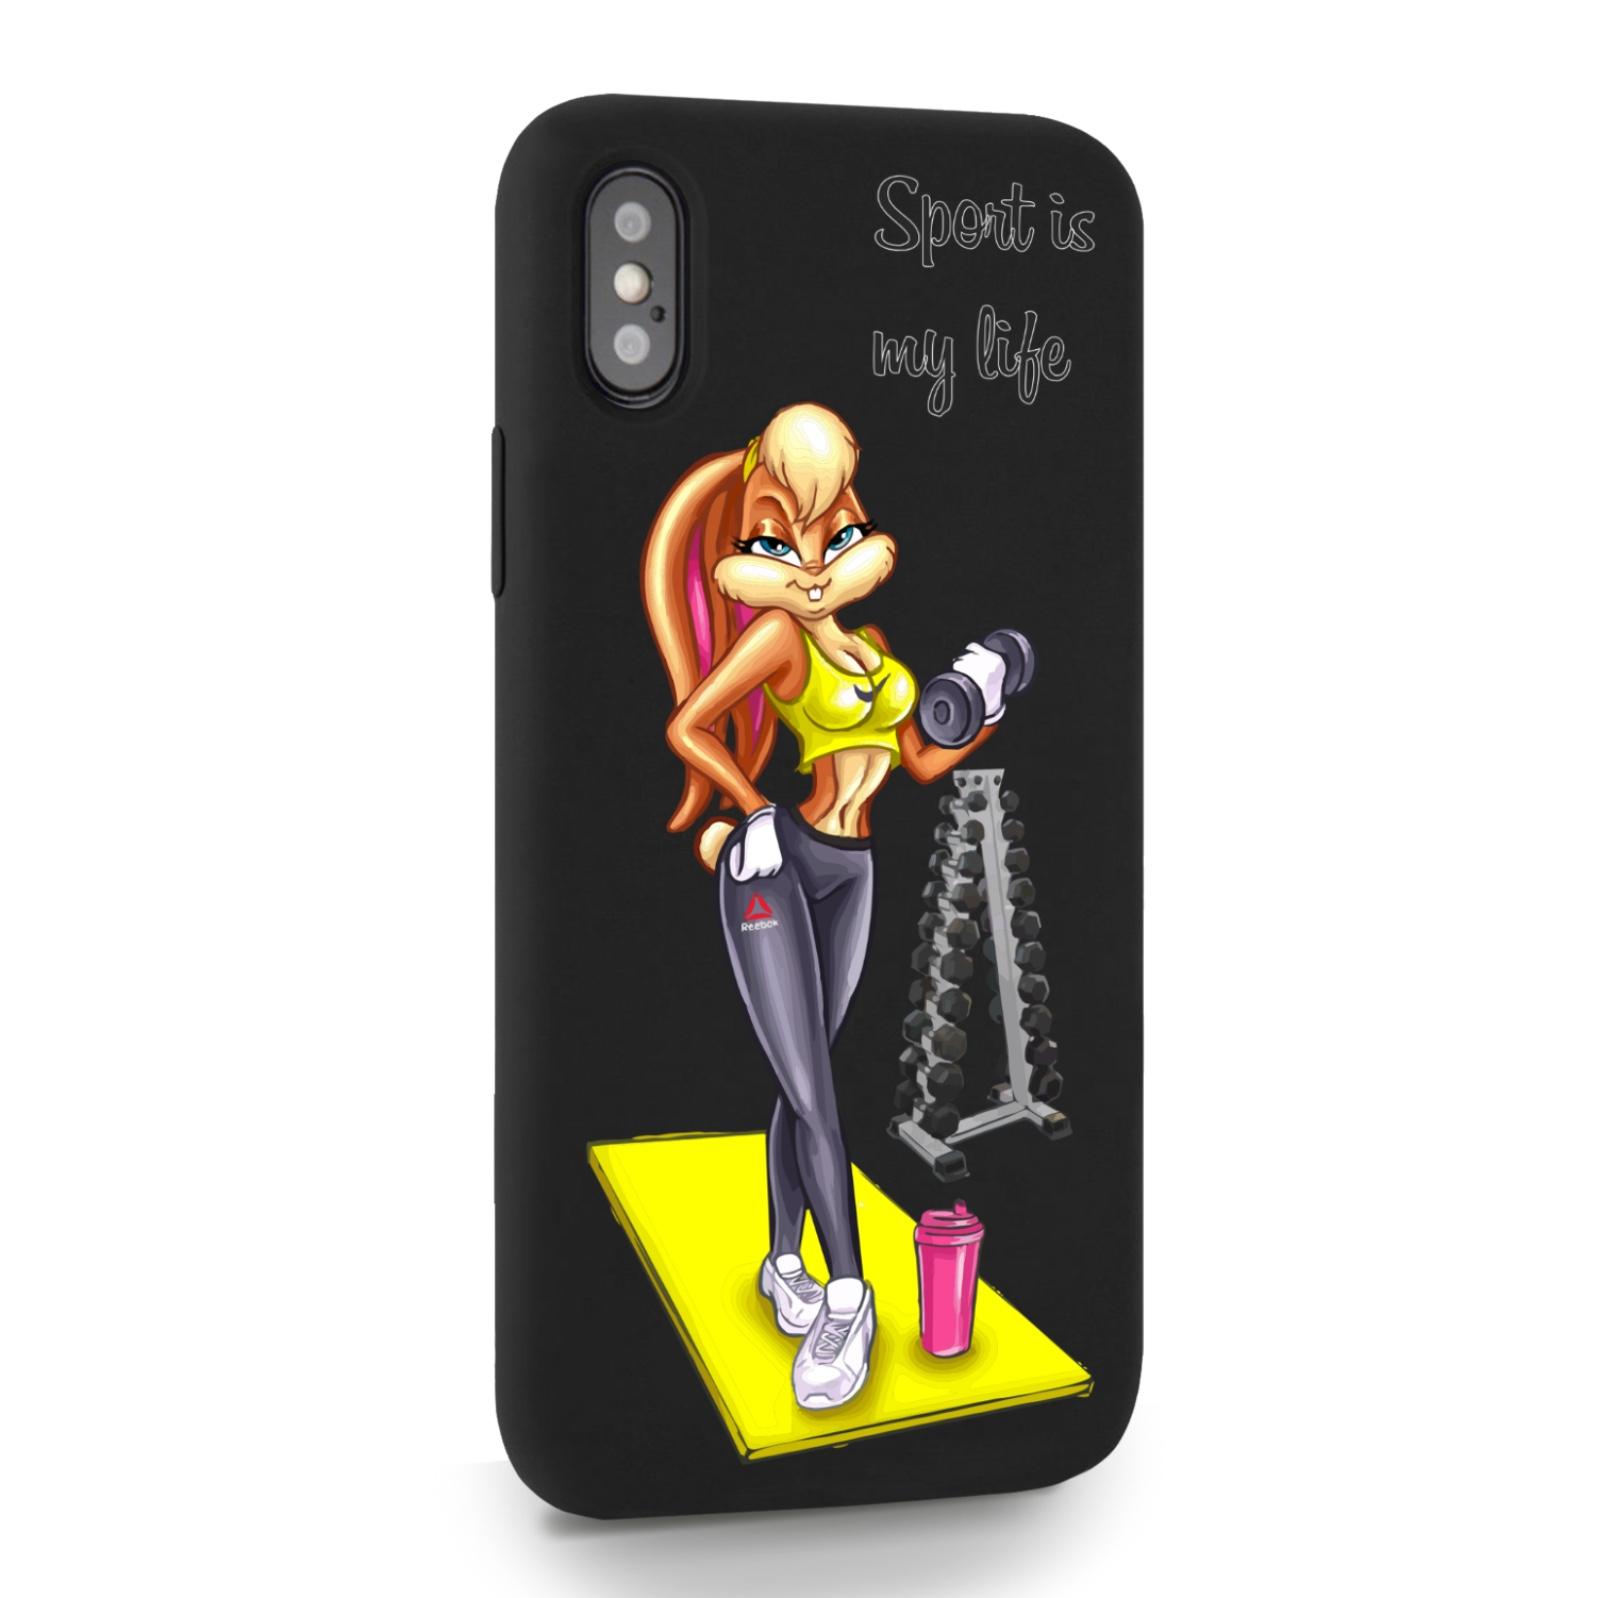 Черный силиконовый чехол для iPhone X/XS Спортивная Зайка для Айфон 10/10C